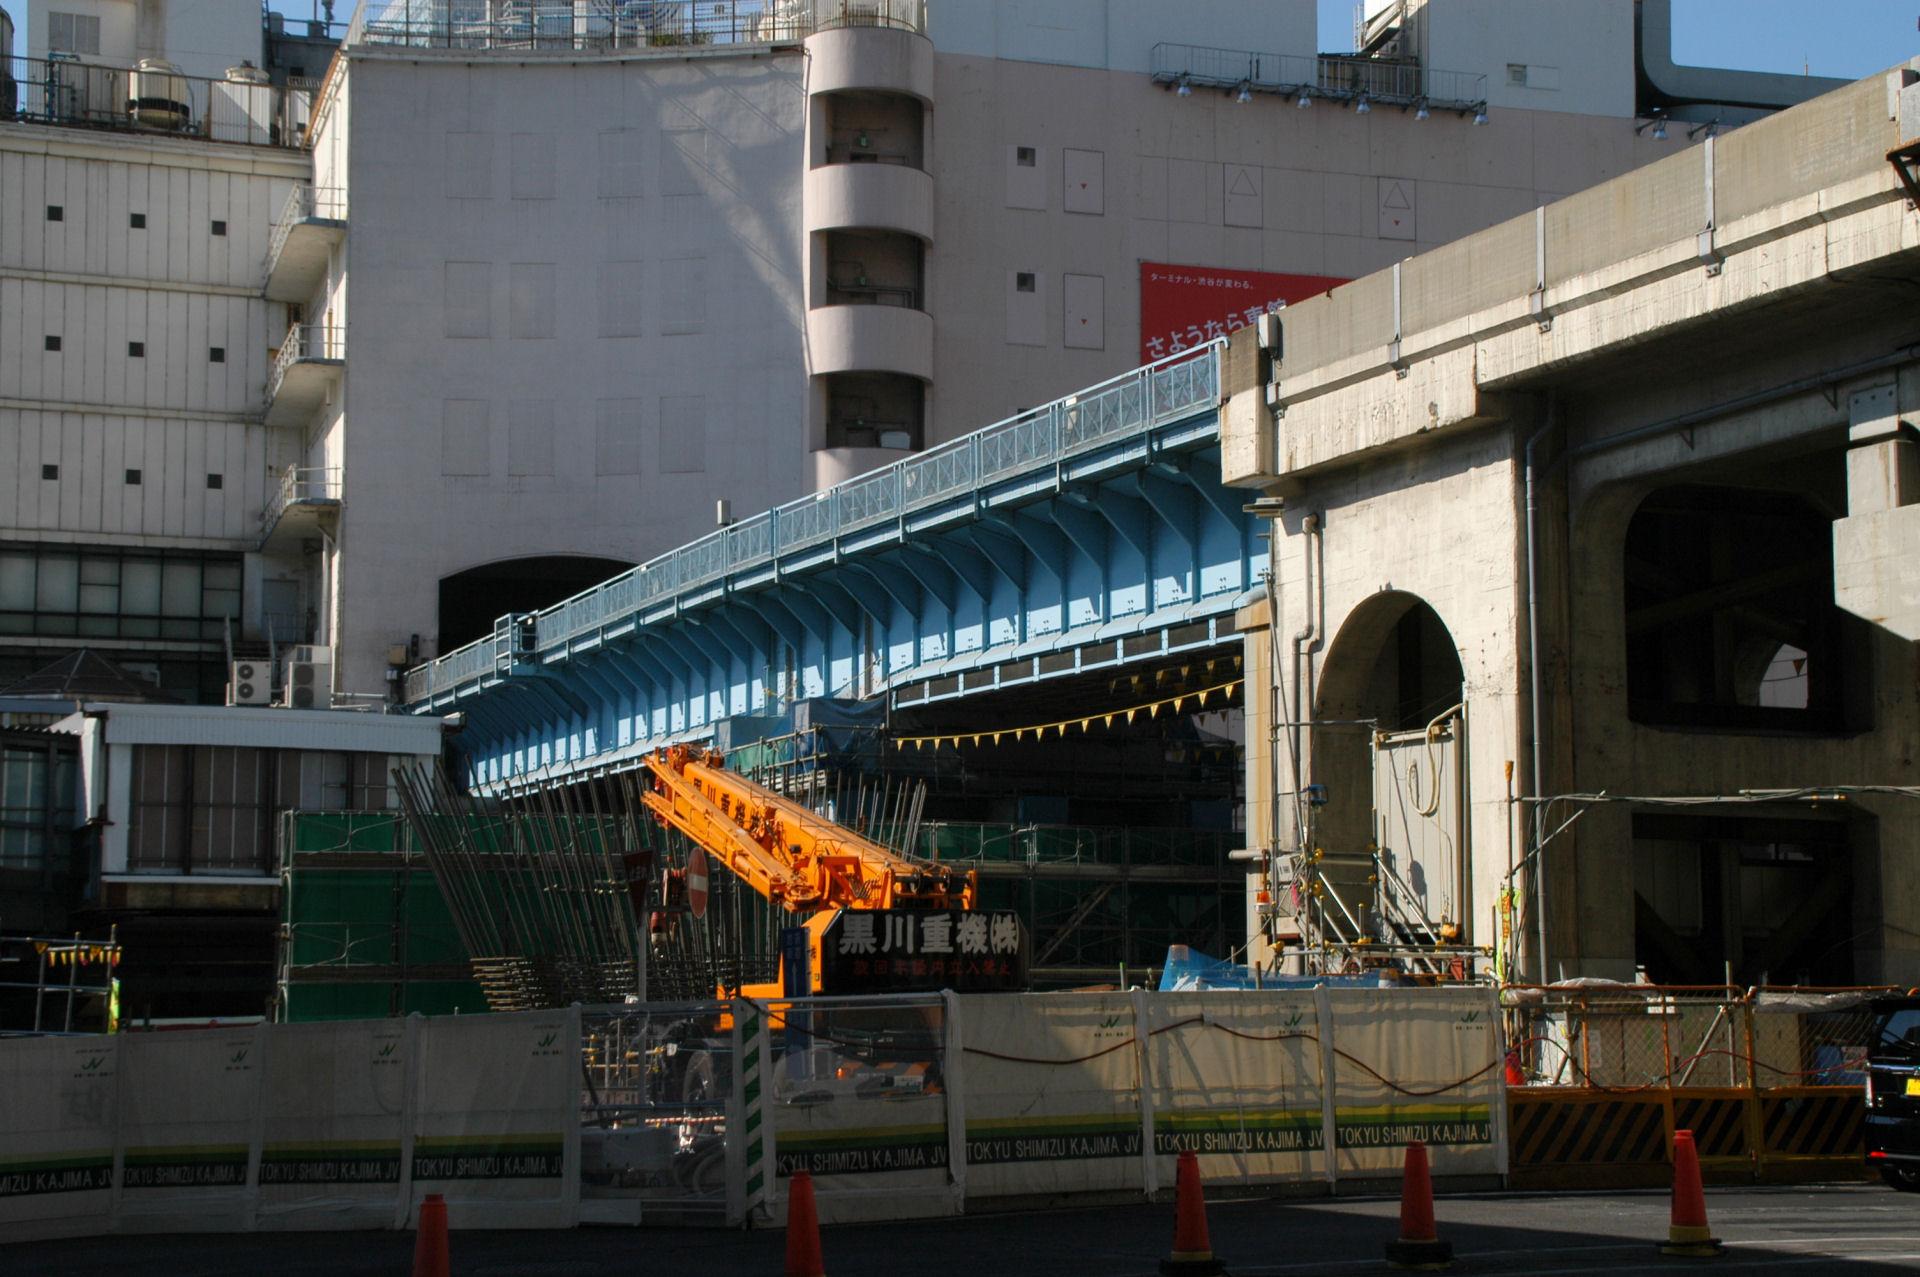 shibuya32113020033.jpg